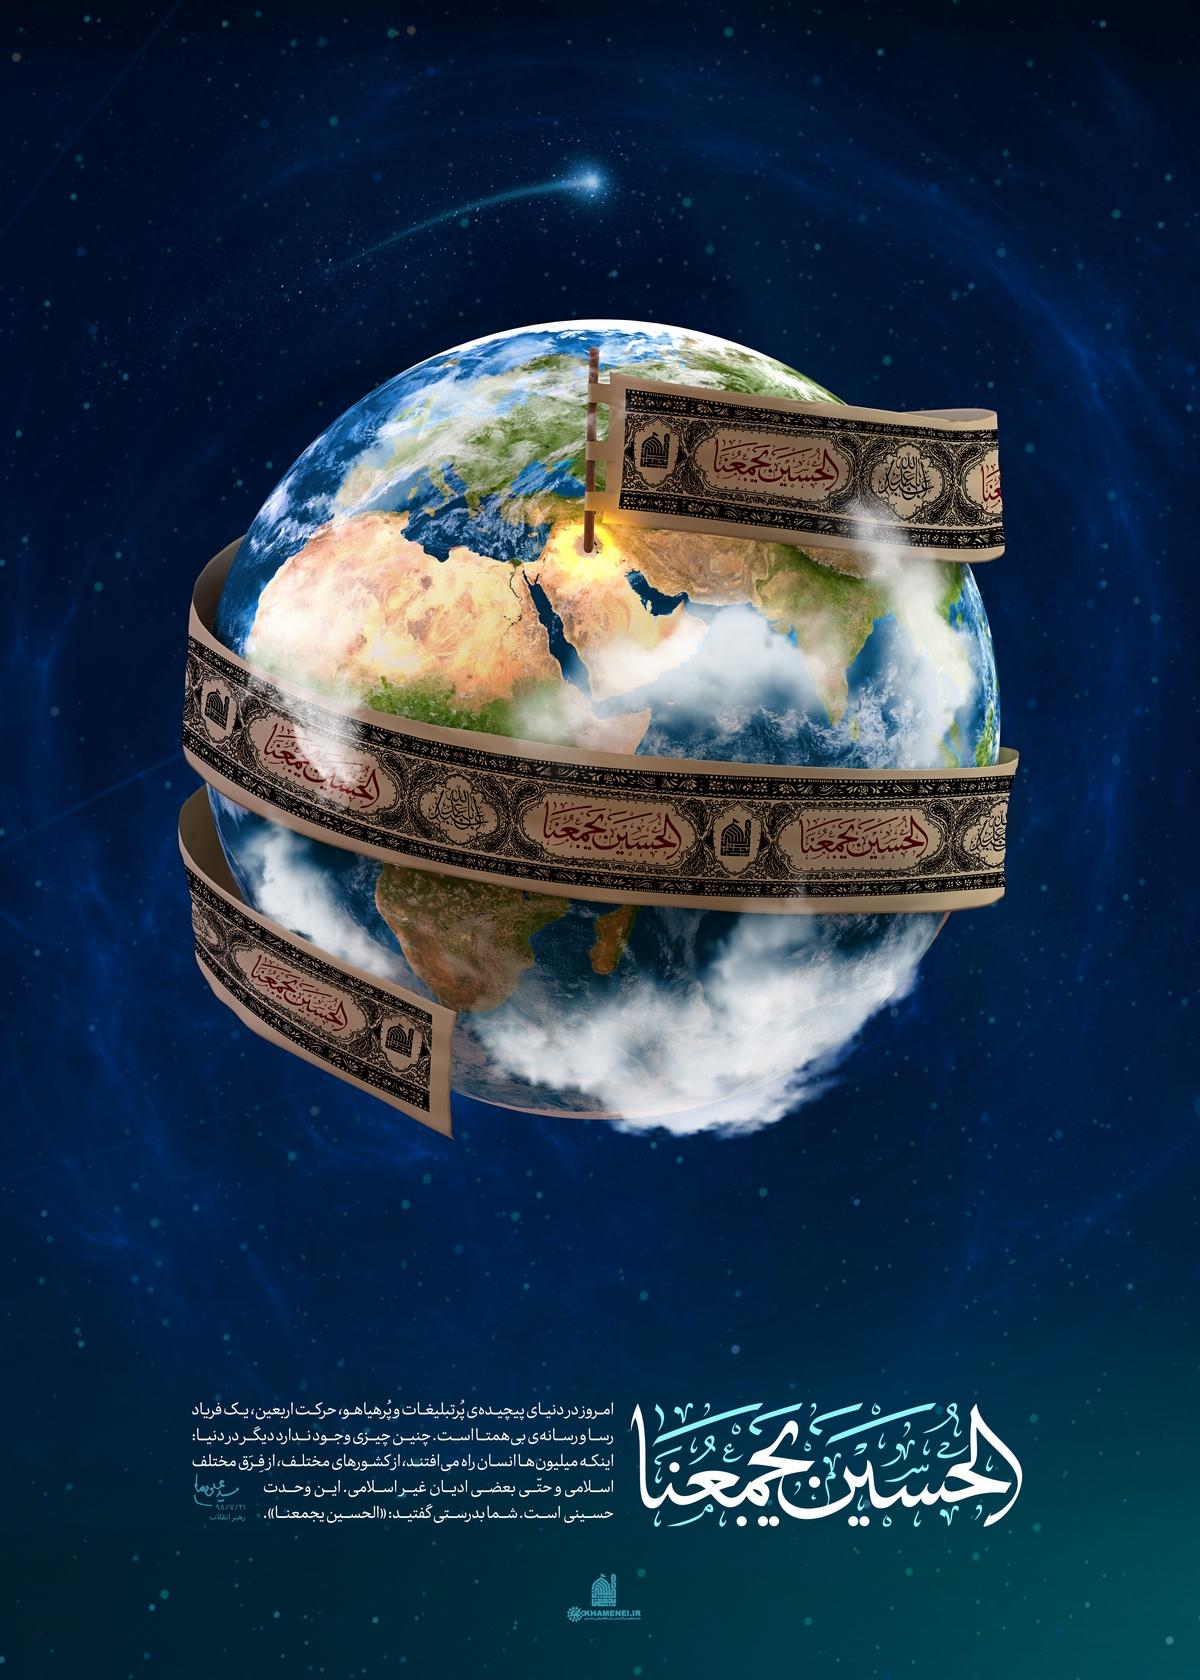 پوستر بیانات مقام معظم رهبری: الحسین(ع) یجمعنا (+ متن)